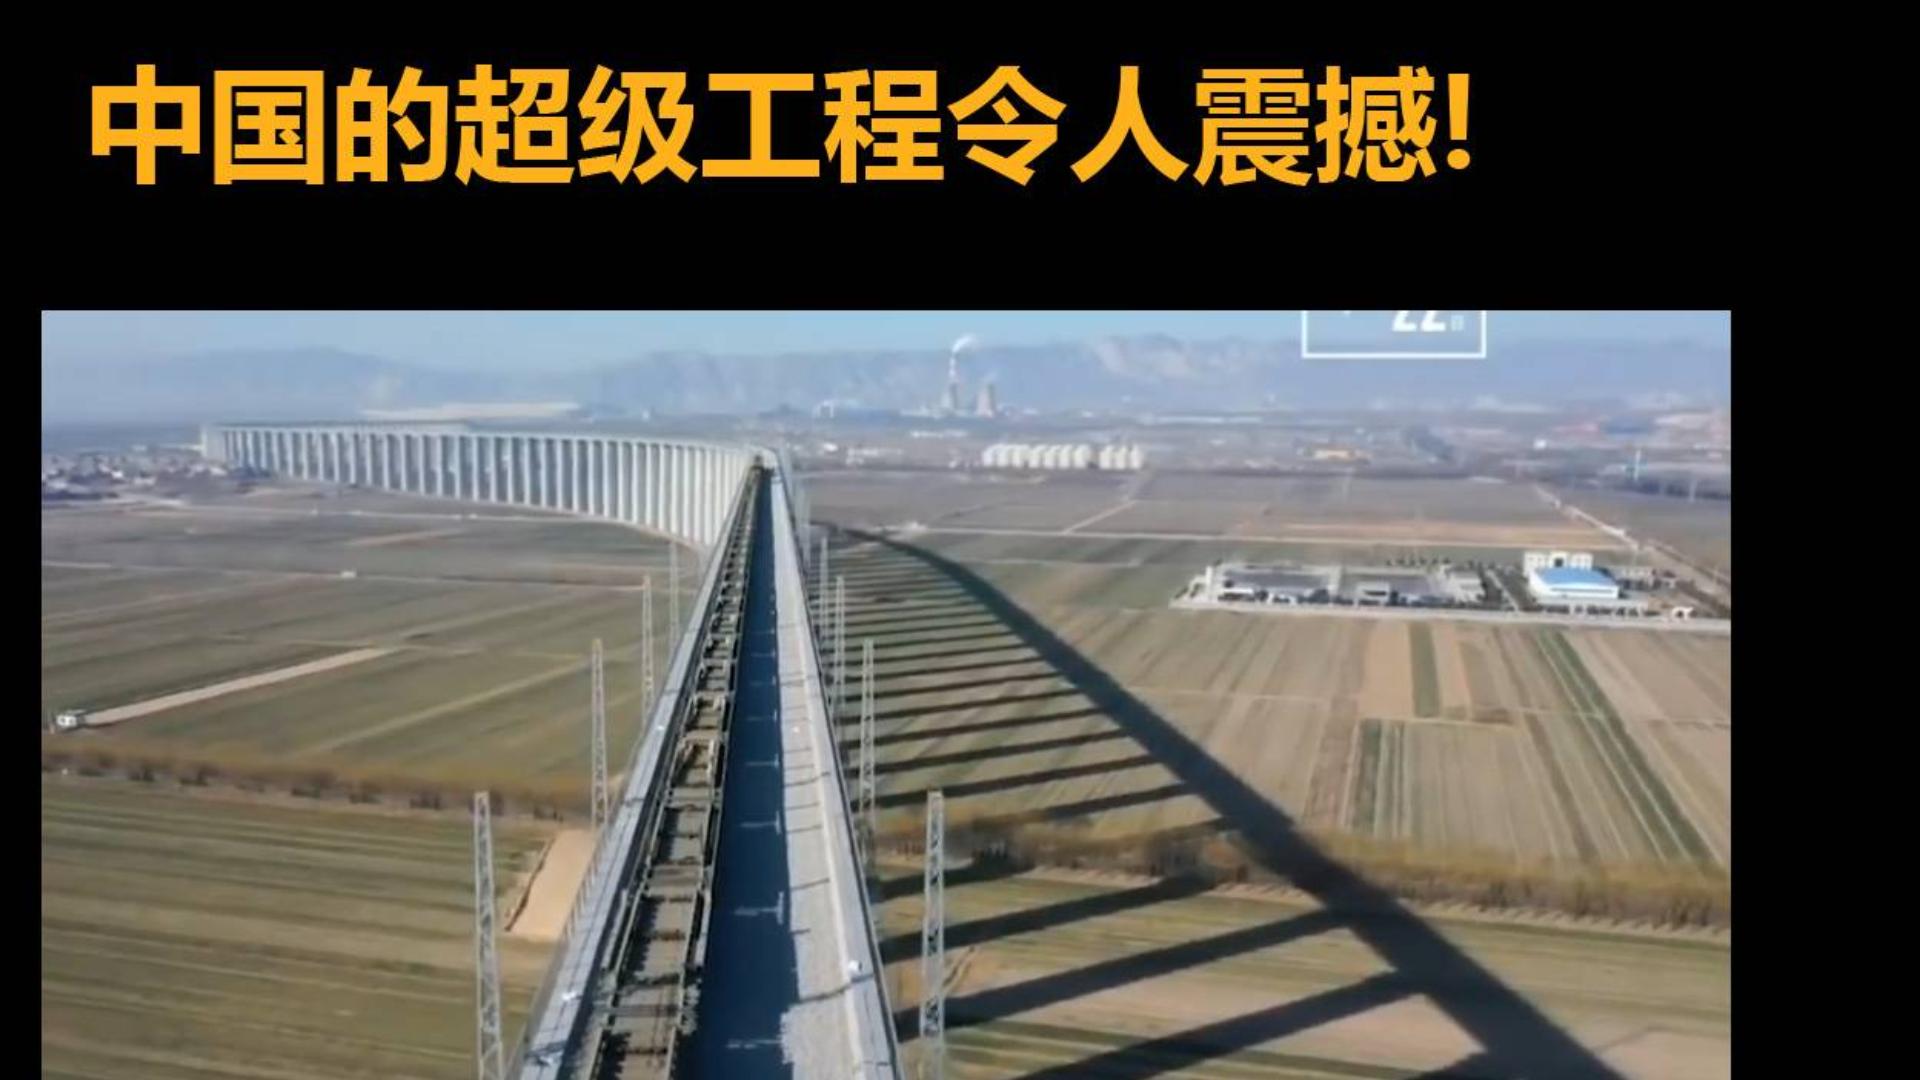 中国的超级工程令人震撼!